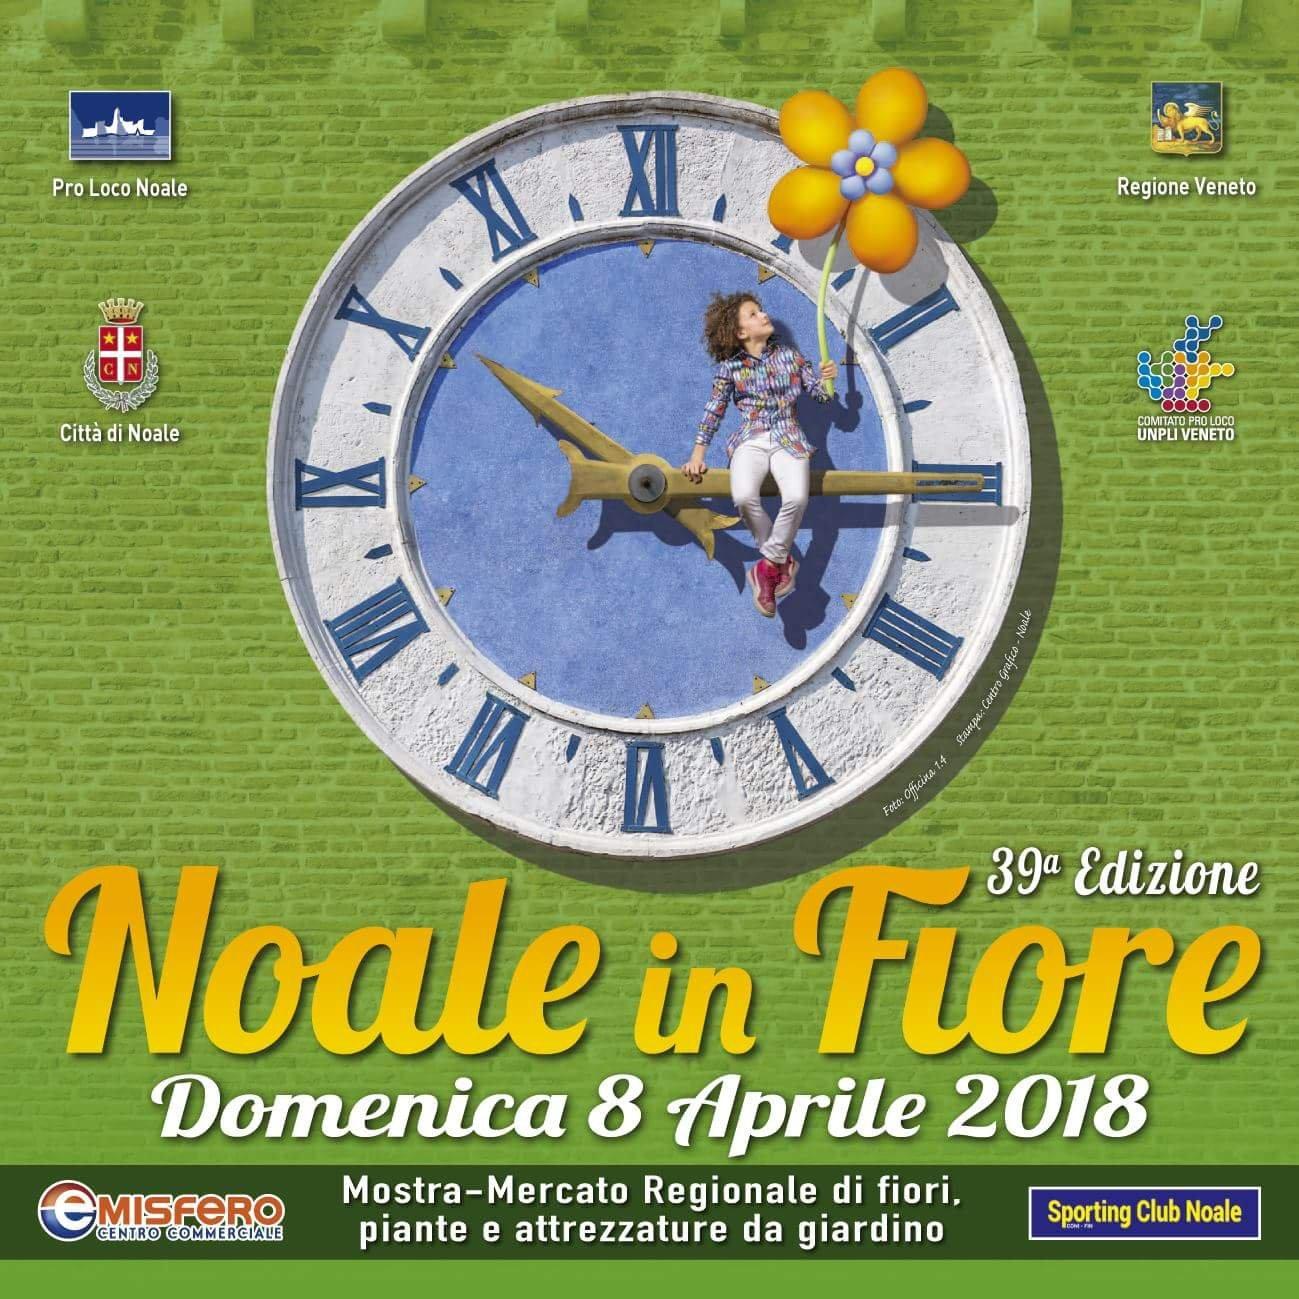 Festa dei fiori Noale 2018, una delle più grandi del Veneto